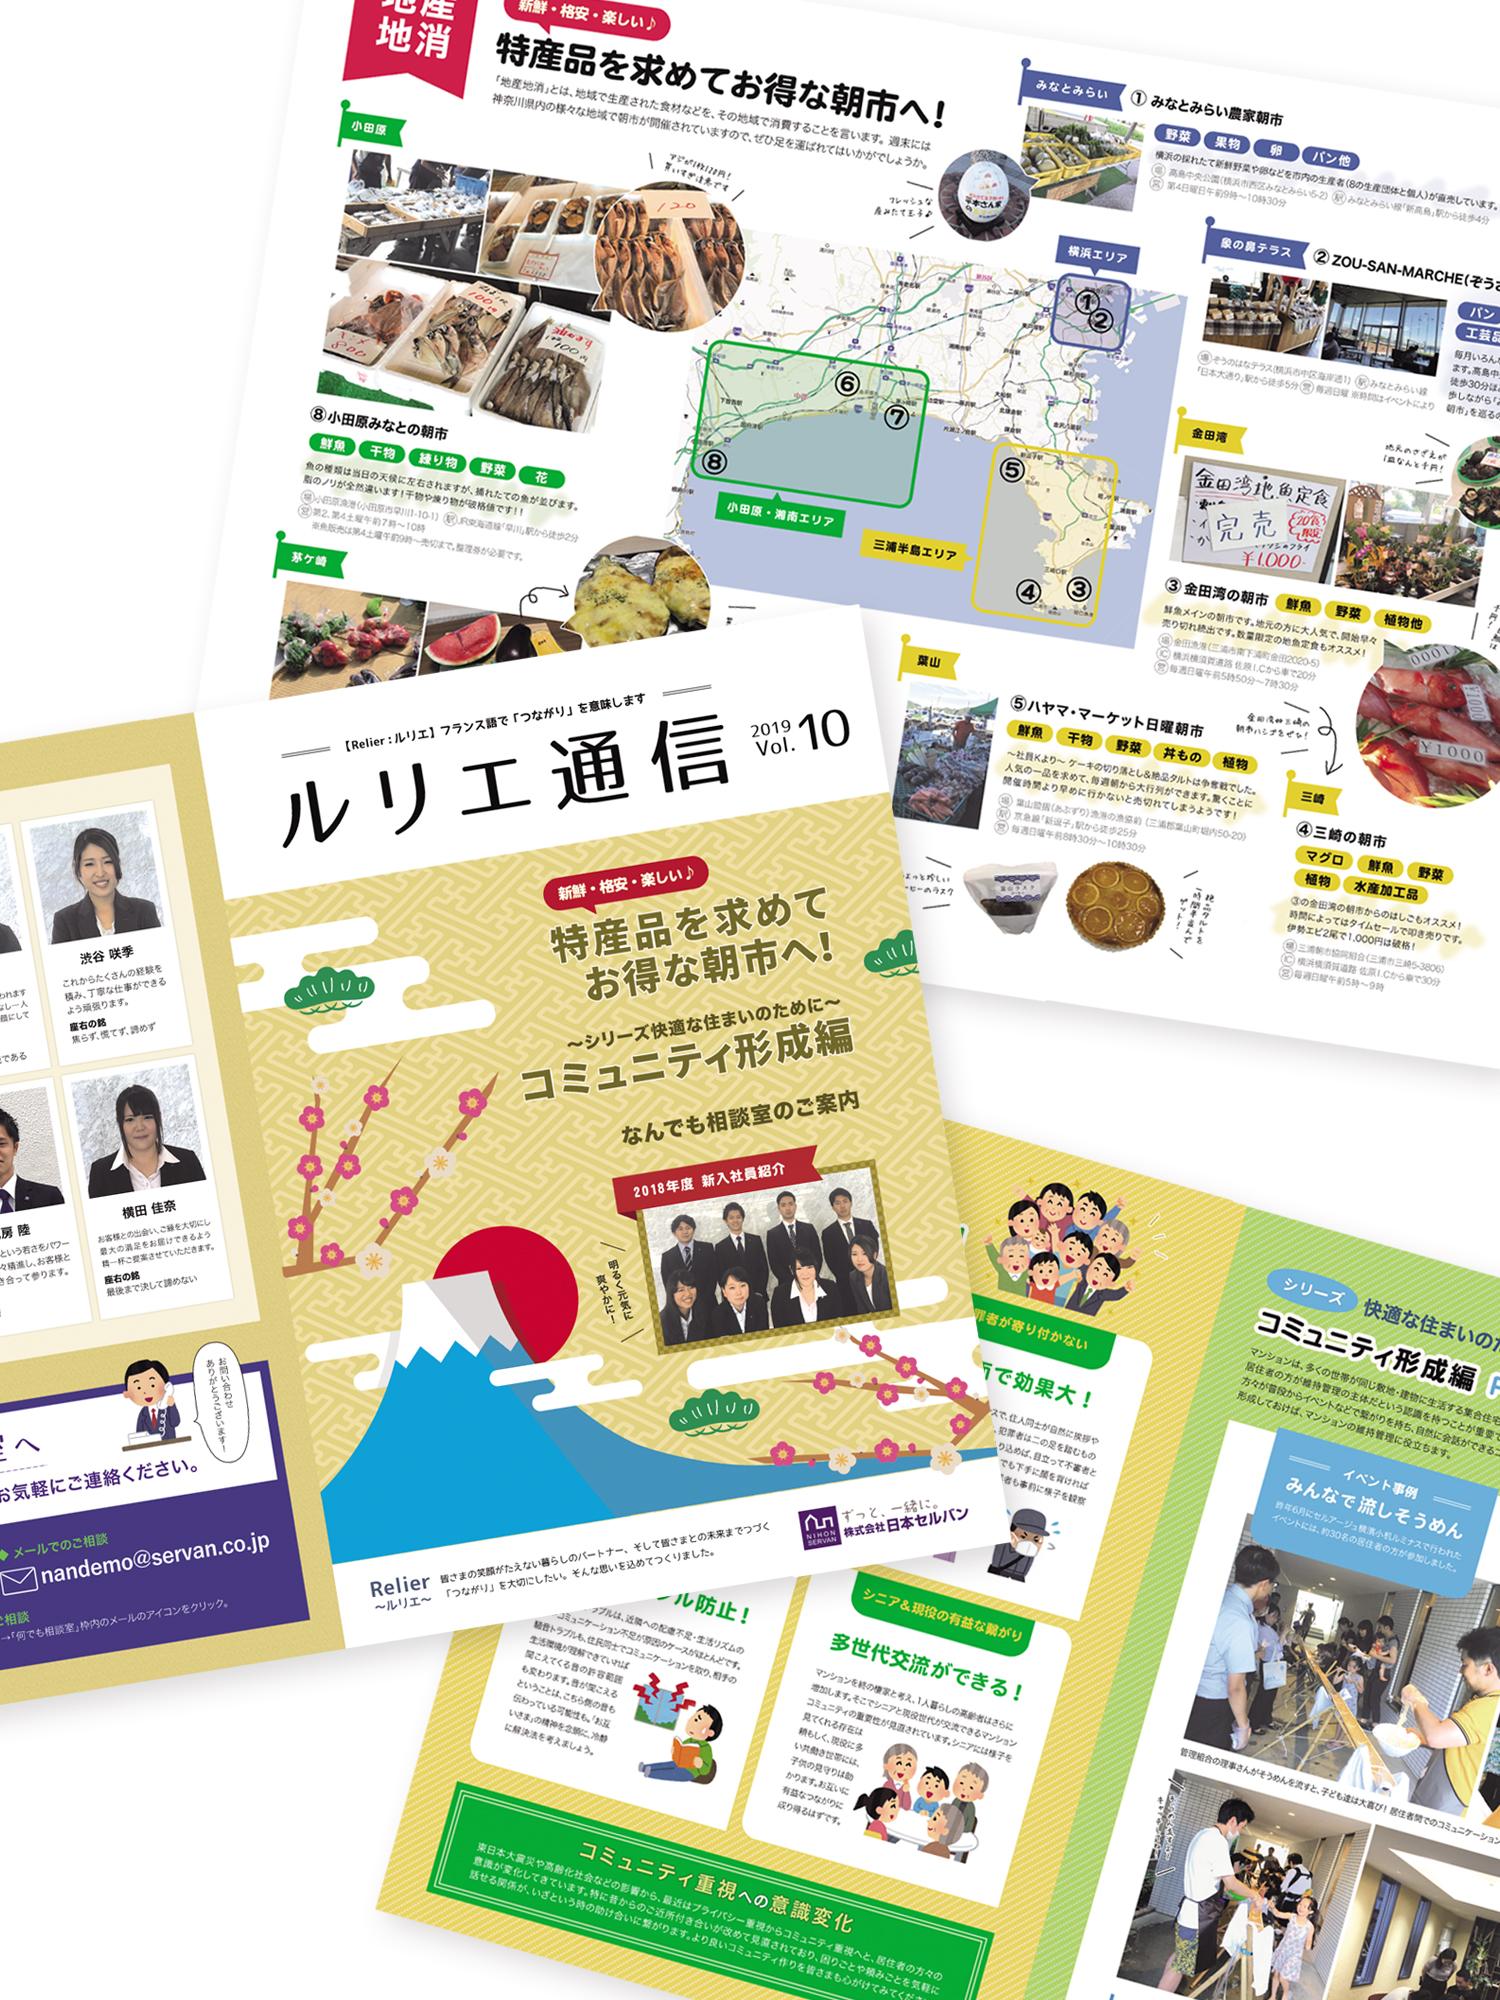 株式会社日本セルバンさま ルリエ通信vol.10